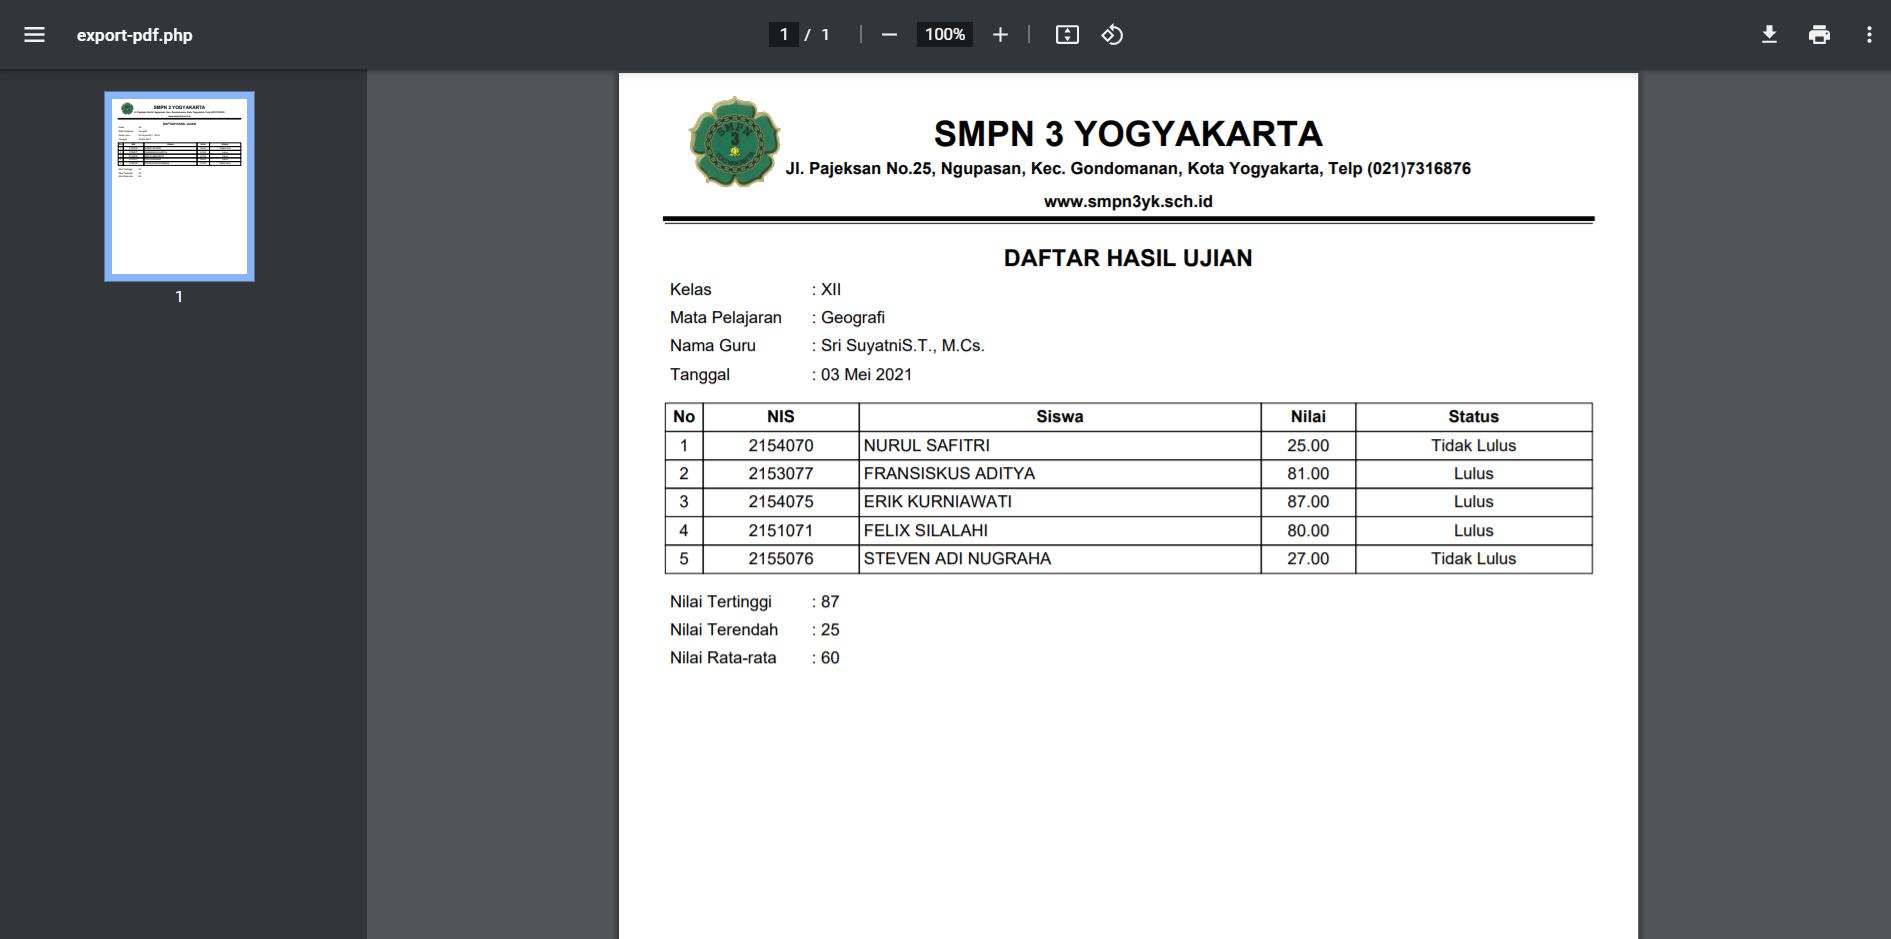 export PDF hasil ujian